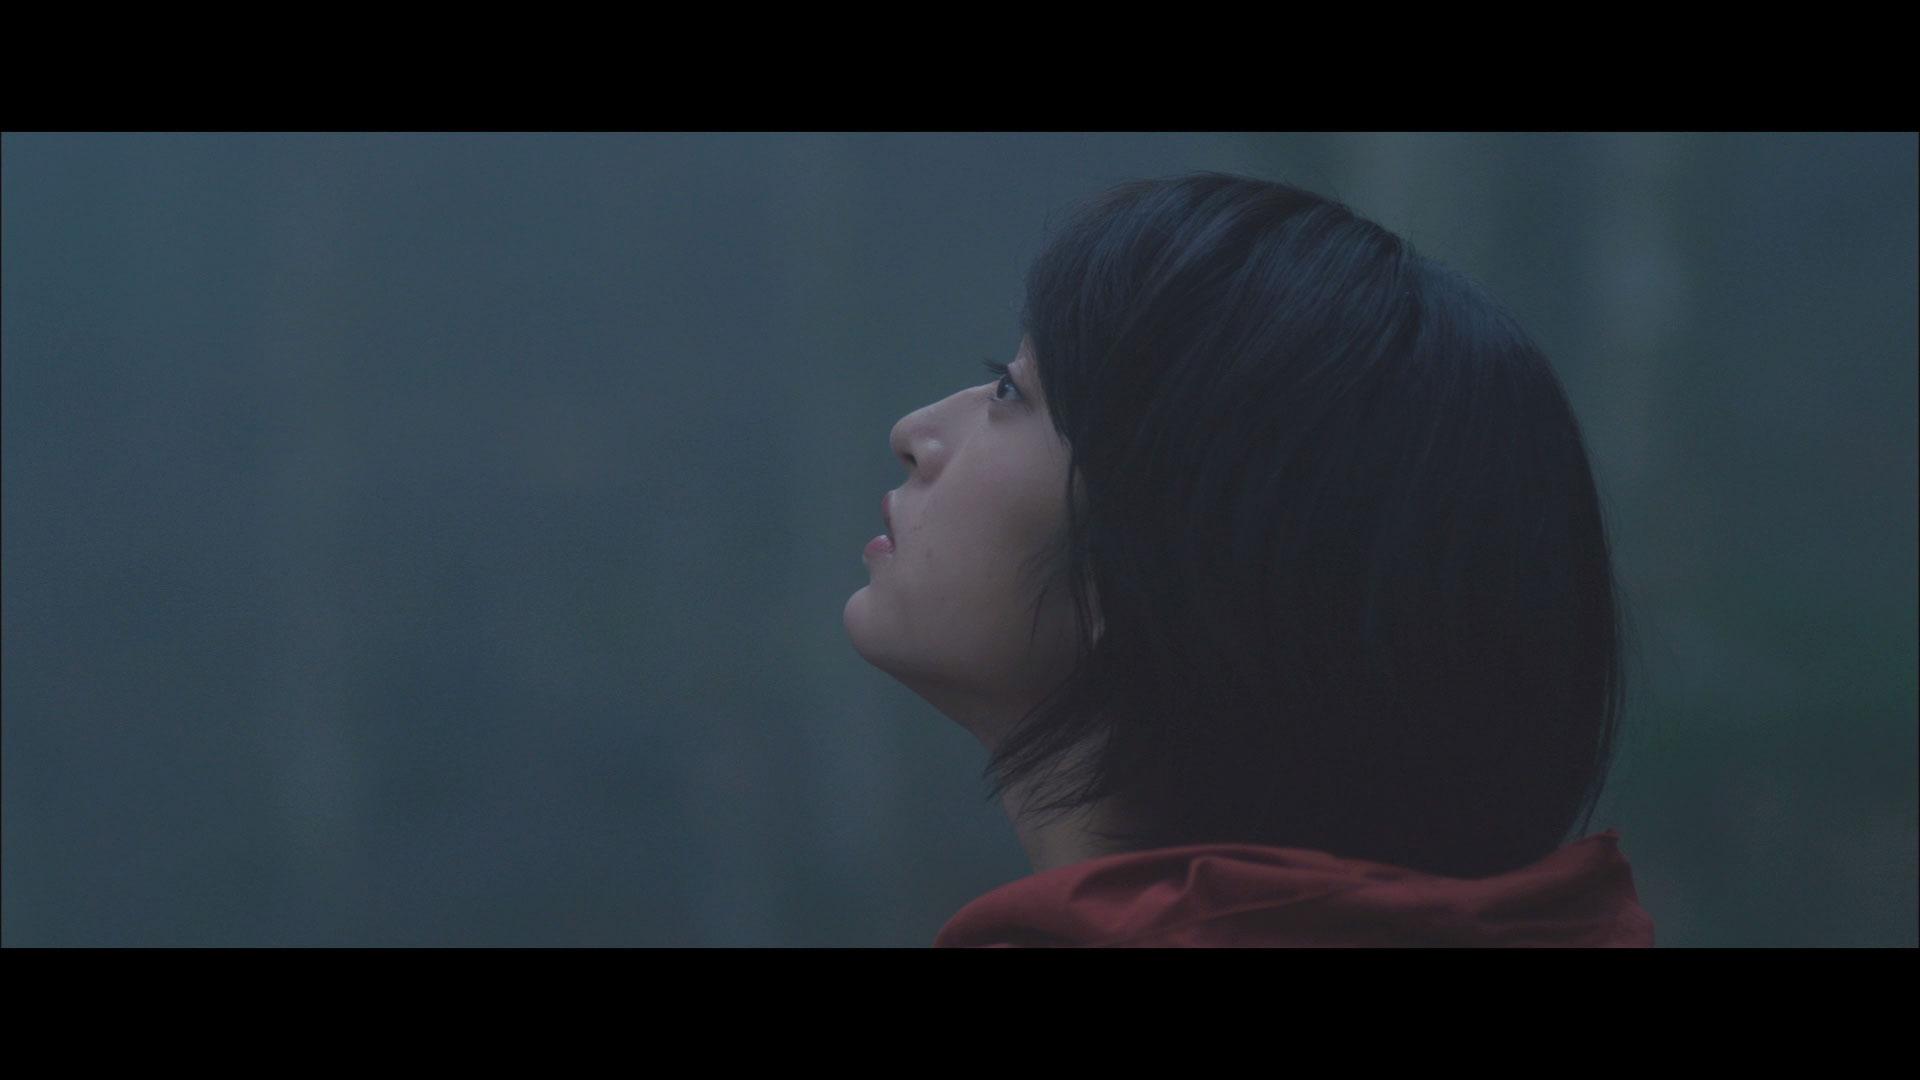 山下達郎、新曲「REBORN」MVに女優の門脇麦が出演